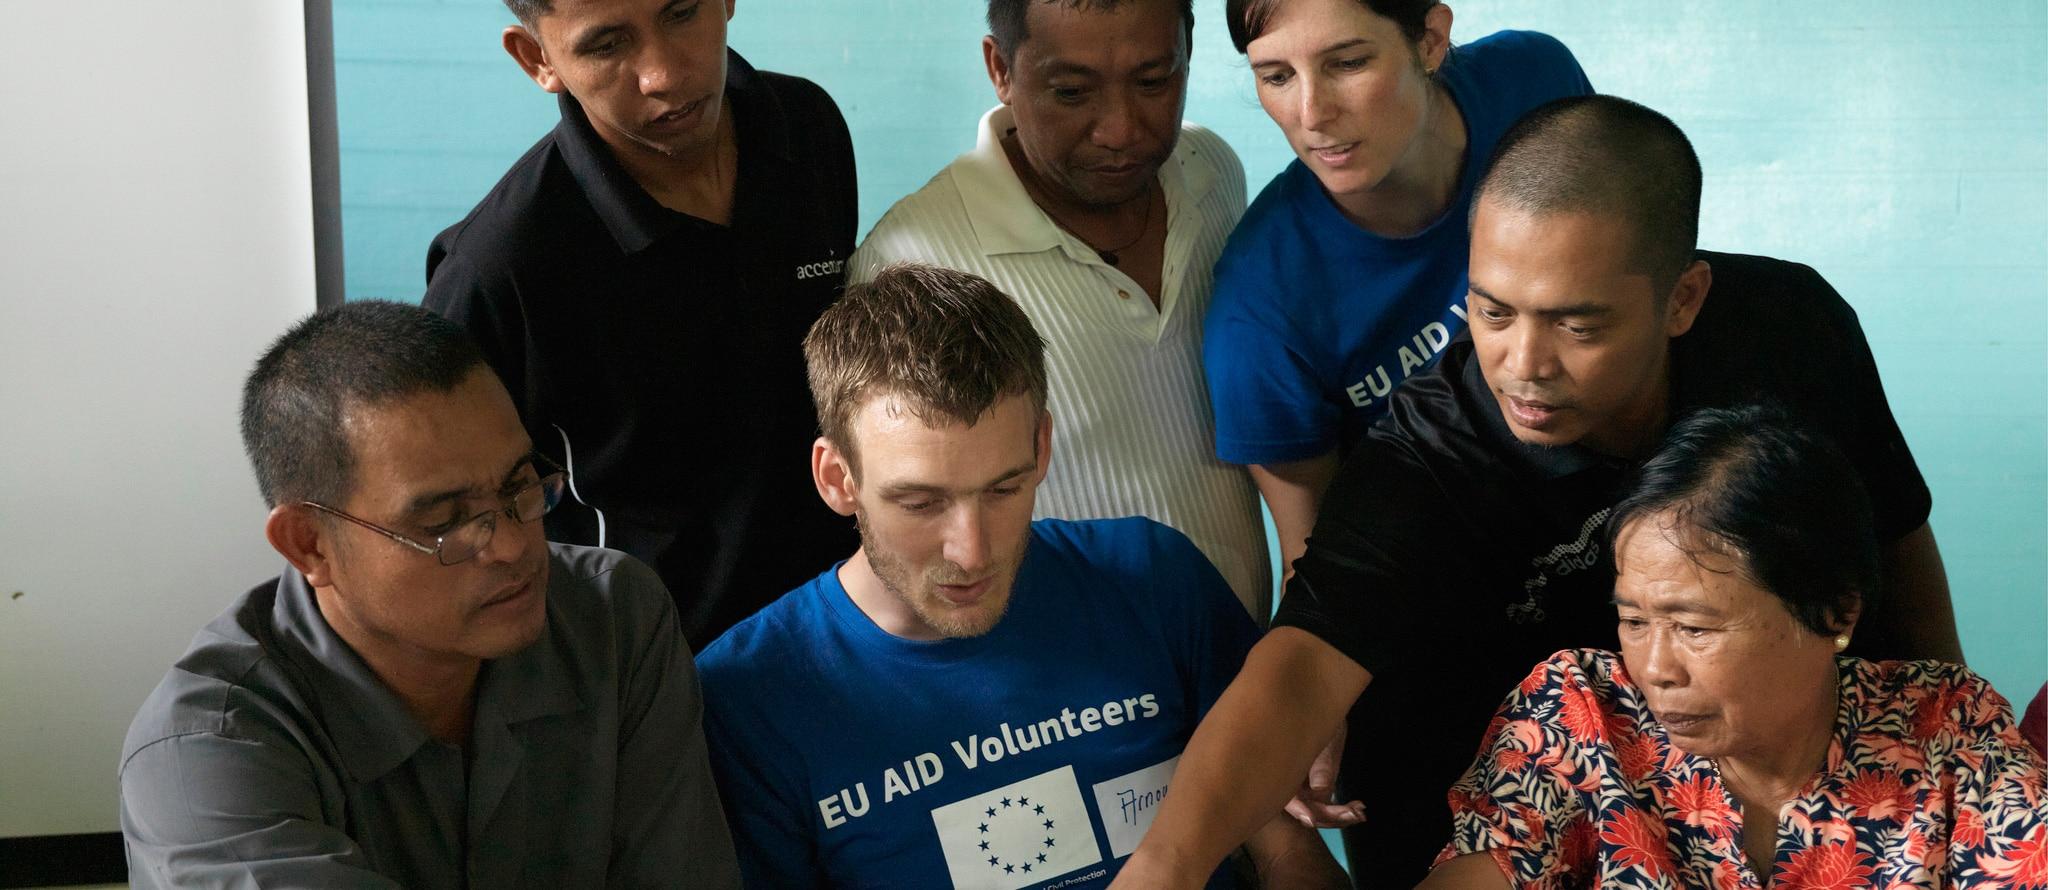 Predstavitev in usposabljanje o EU humanitarnem prostovoljstvu